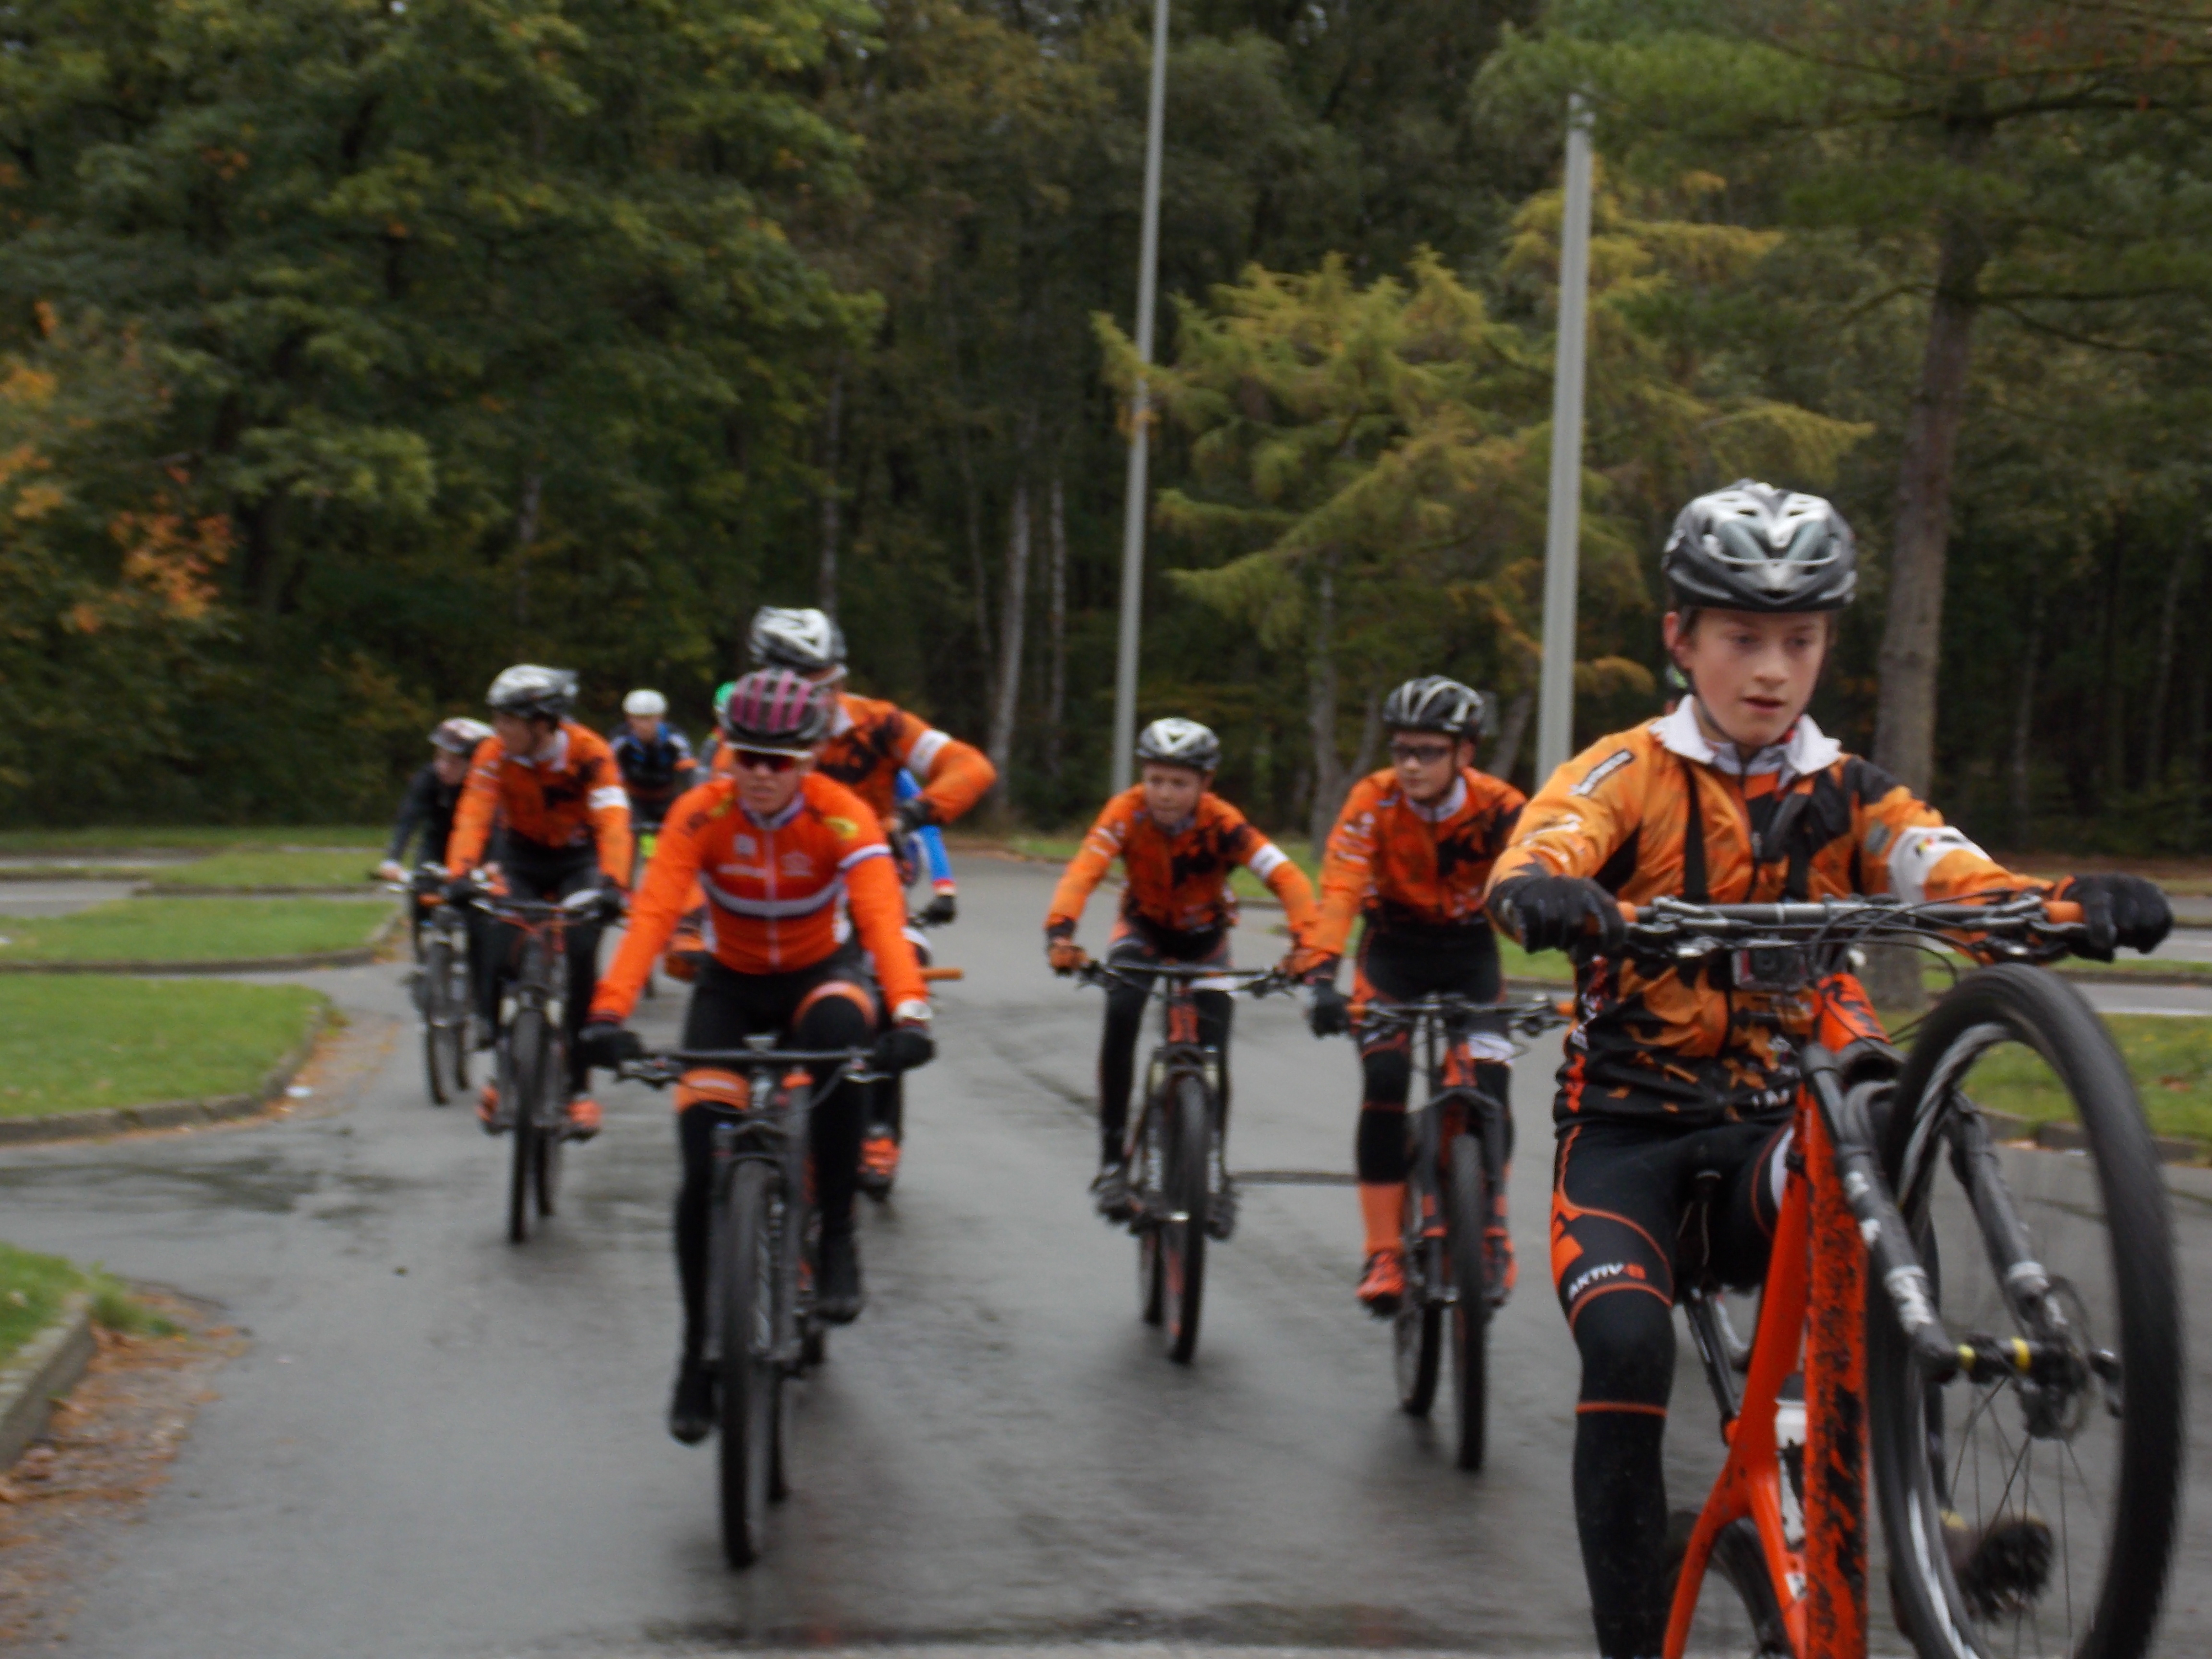 Teamdag van KTM Bikevision MTB team in Genk